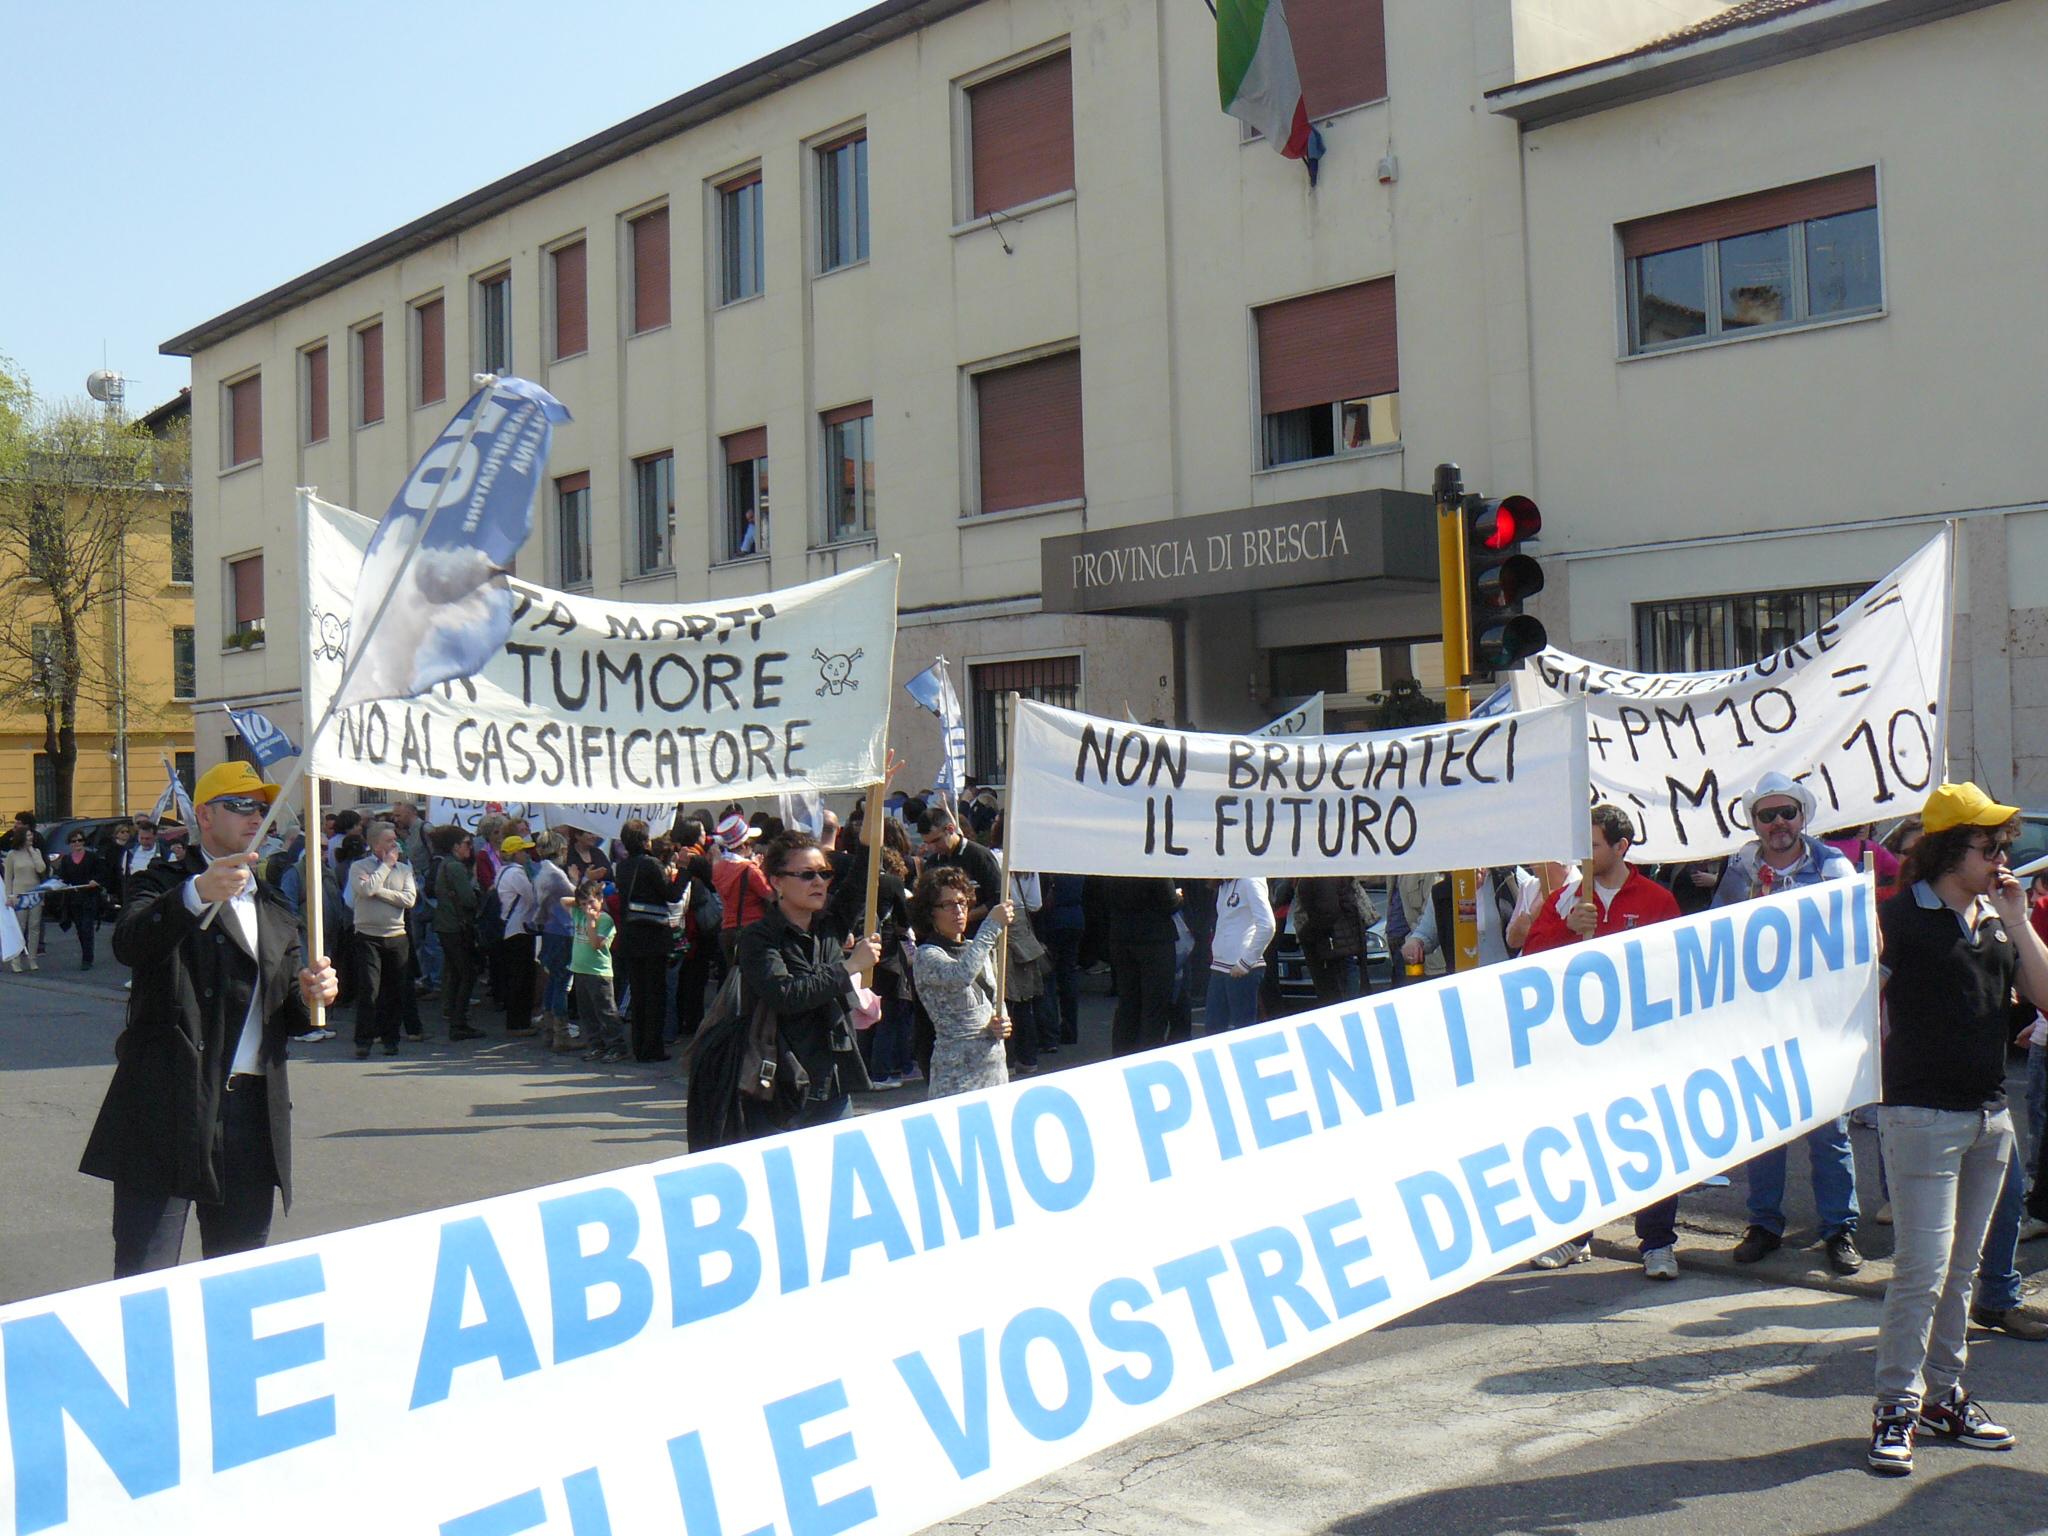 Immagine di archivio: Manifestazione in provincia contro il Gassificatore di Pollina di Bedizzole